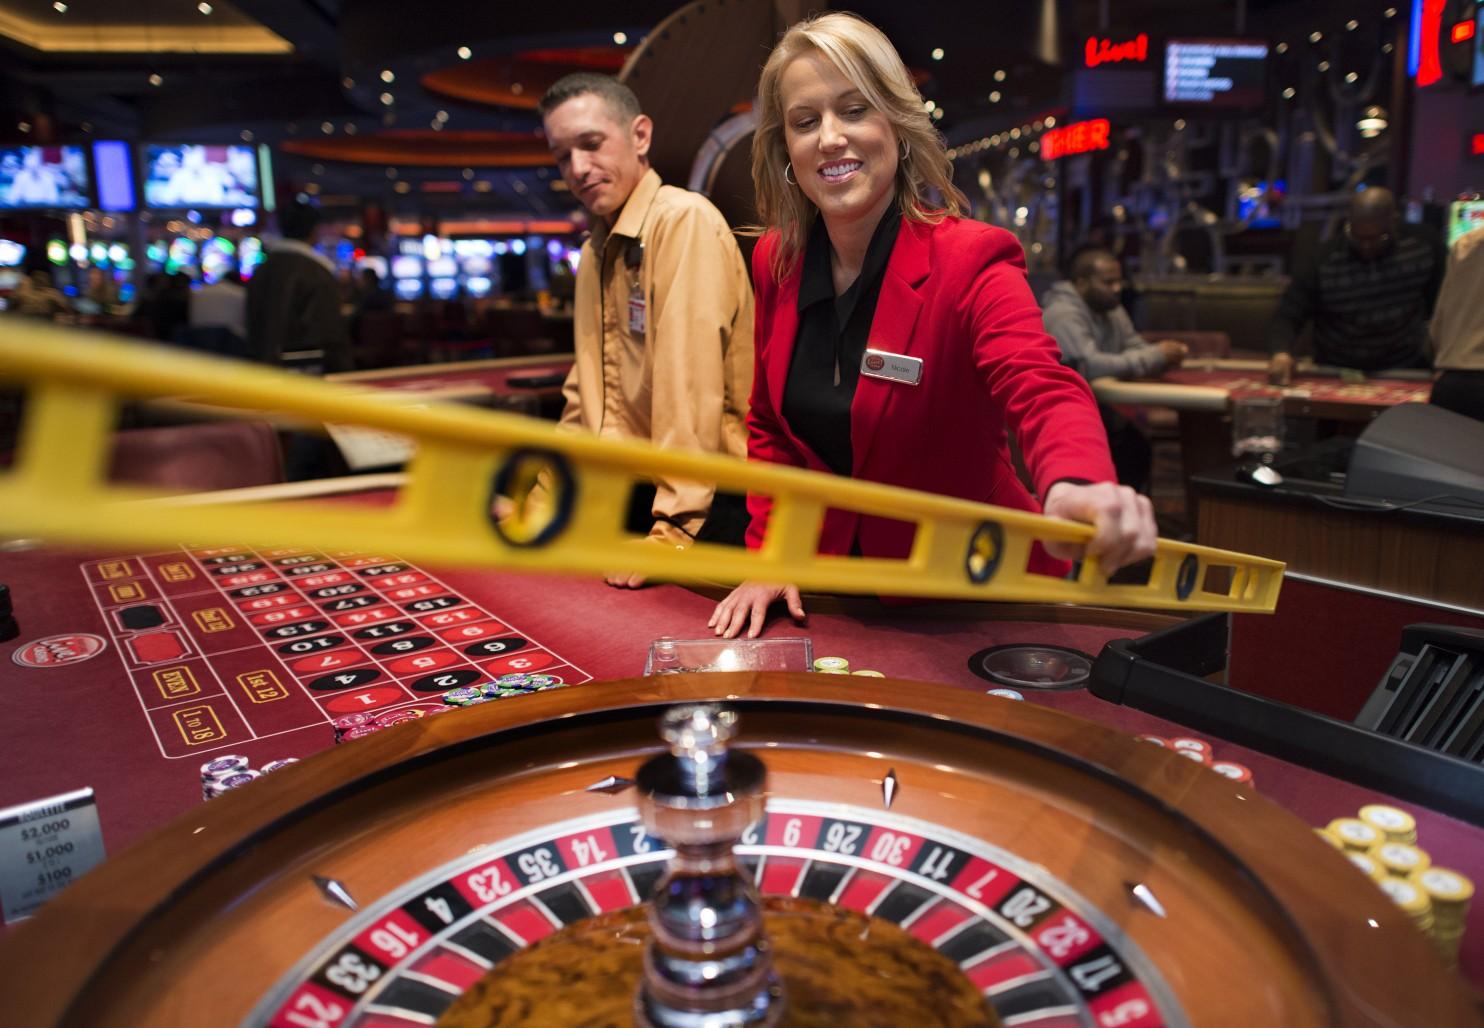 Free triple seven slot machine games